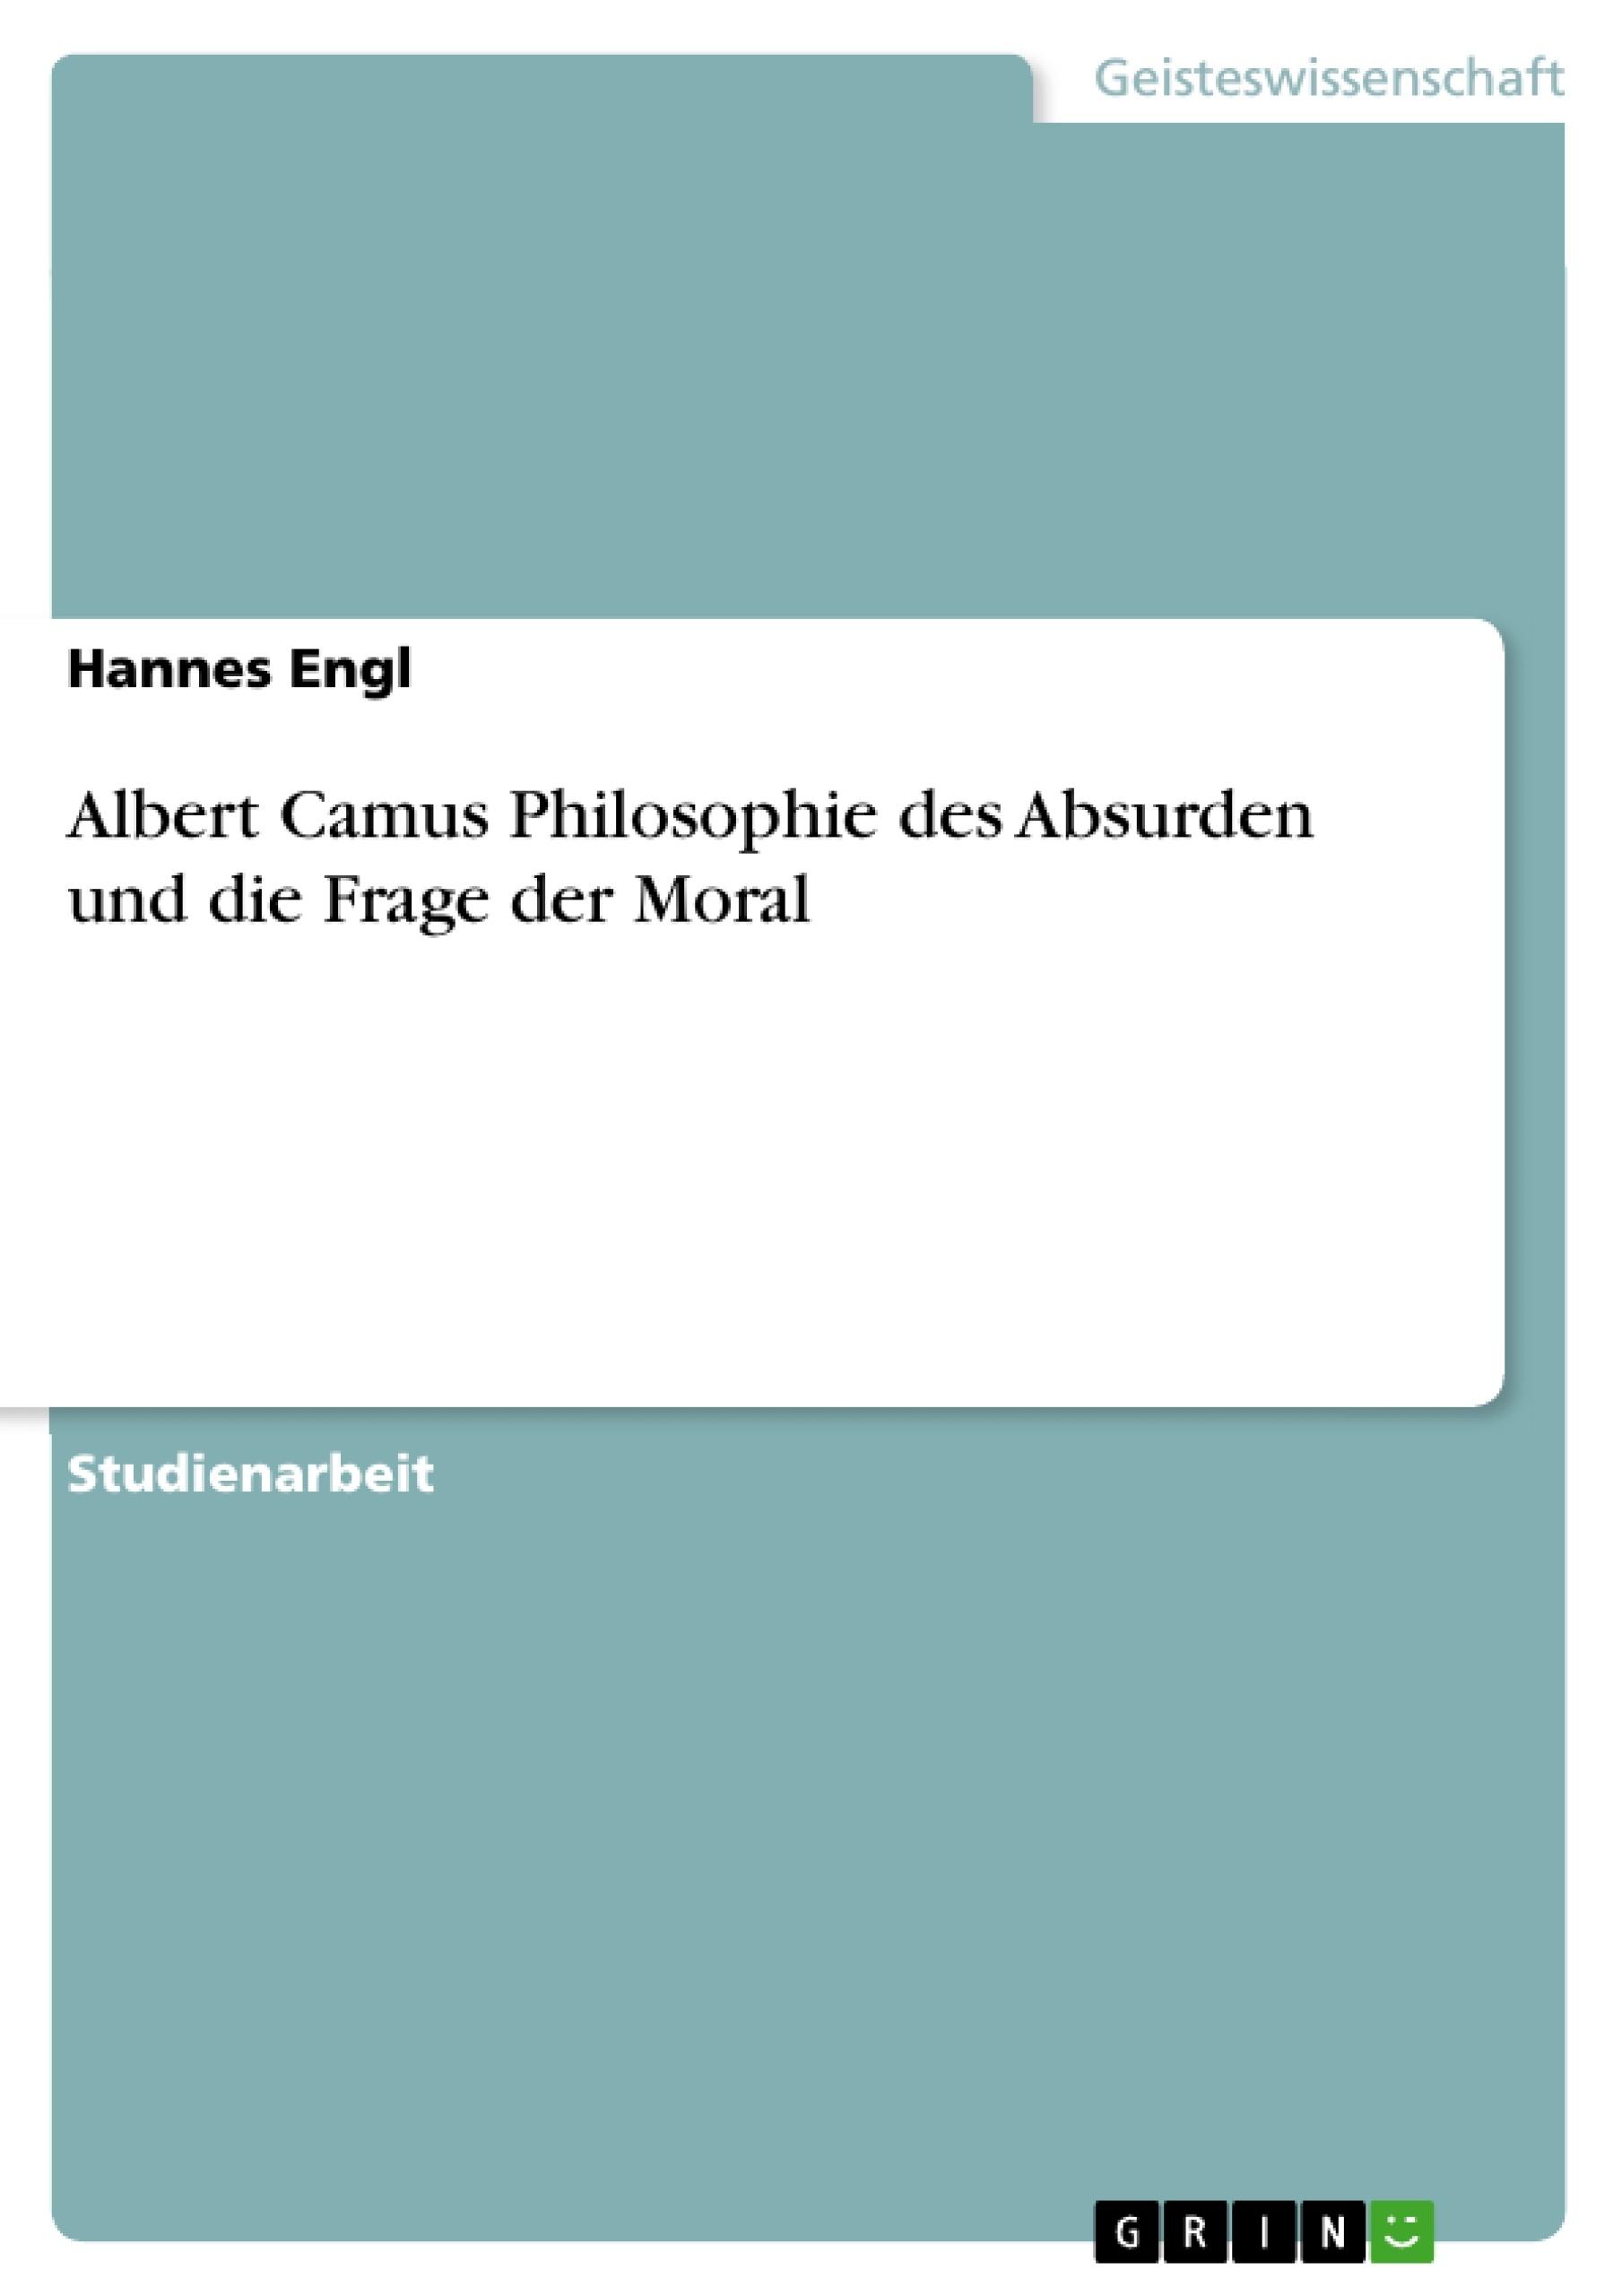 Titel: Albert Camus Philosophie des Absurden und die Frage der Moral